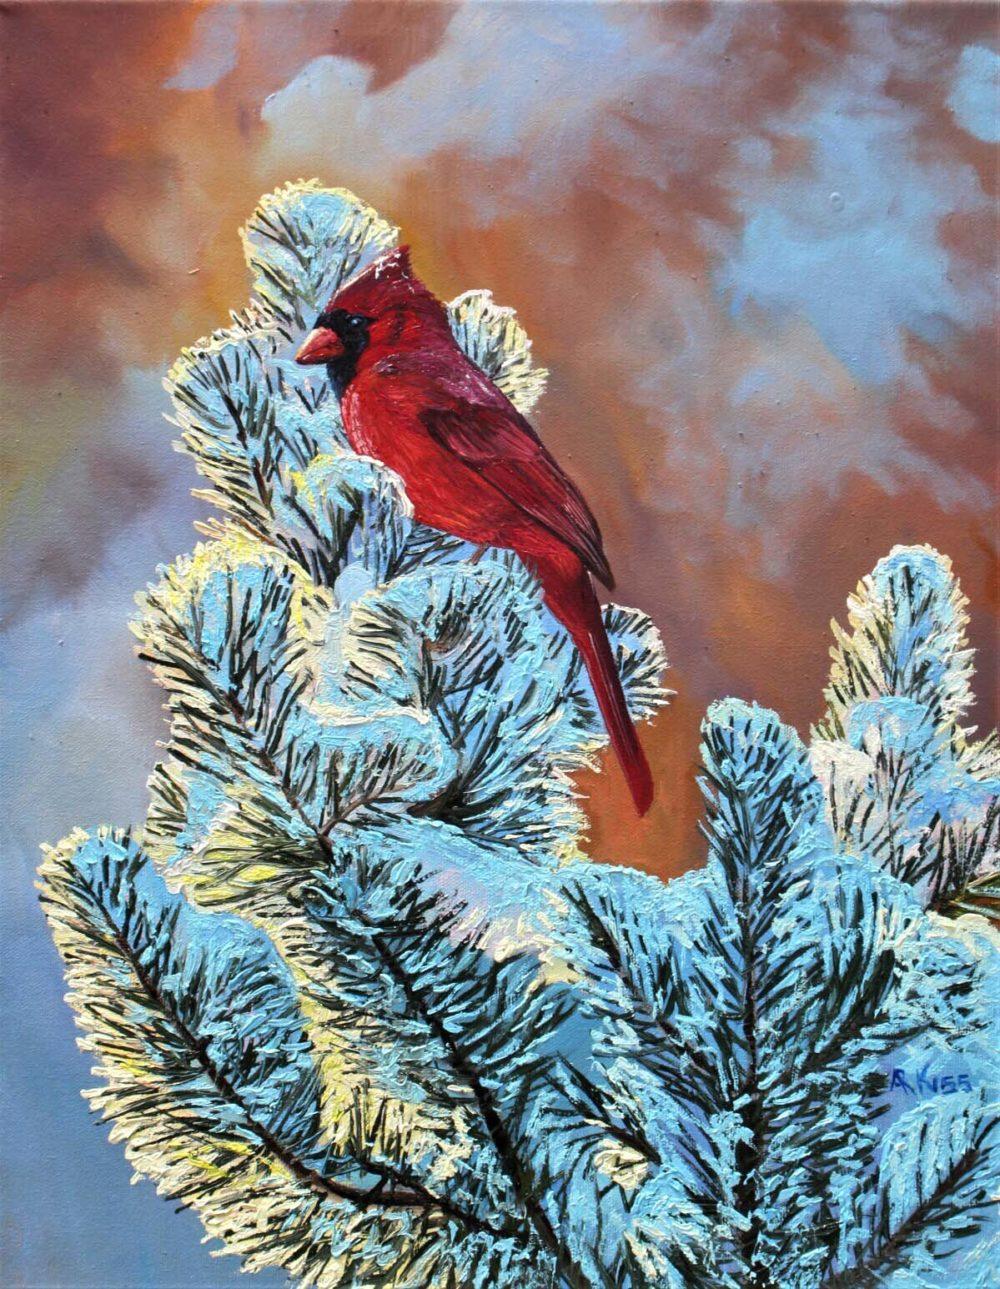 Cardinal - Andrew Kiss